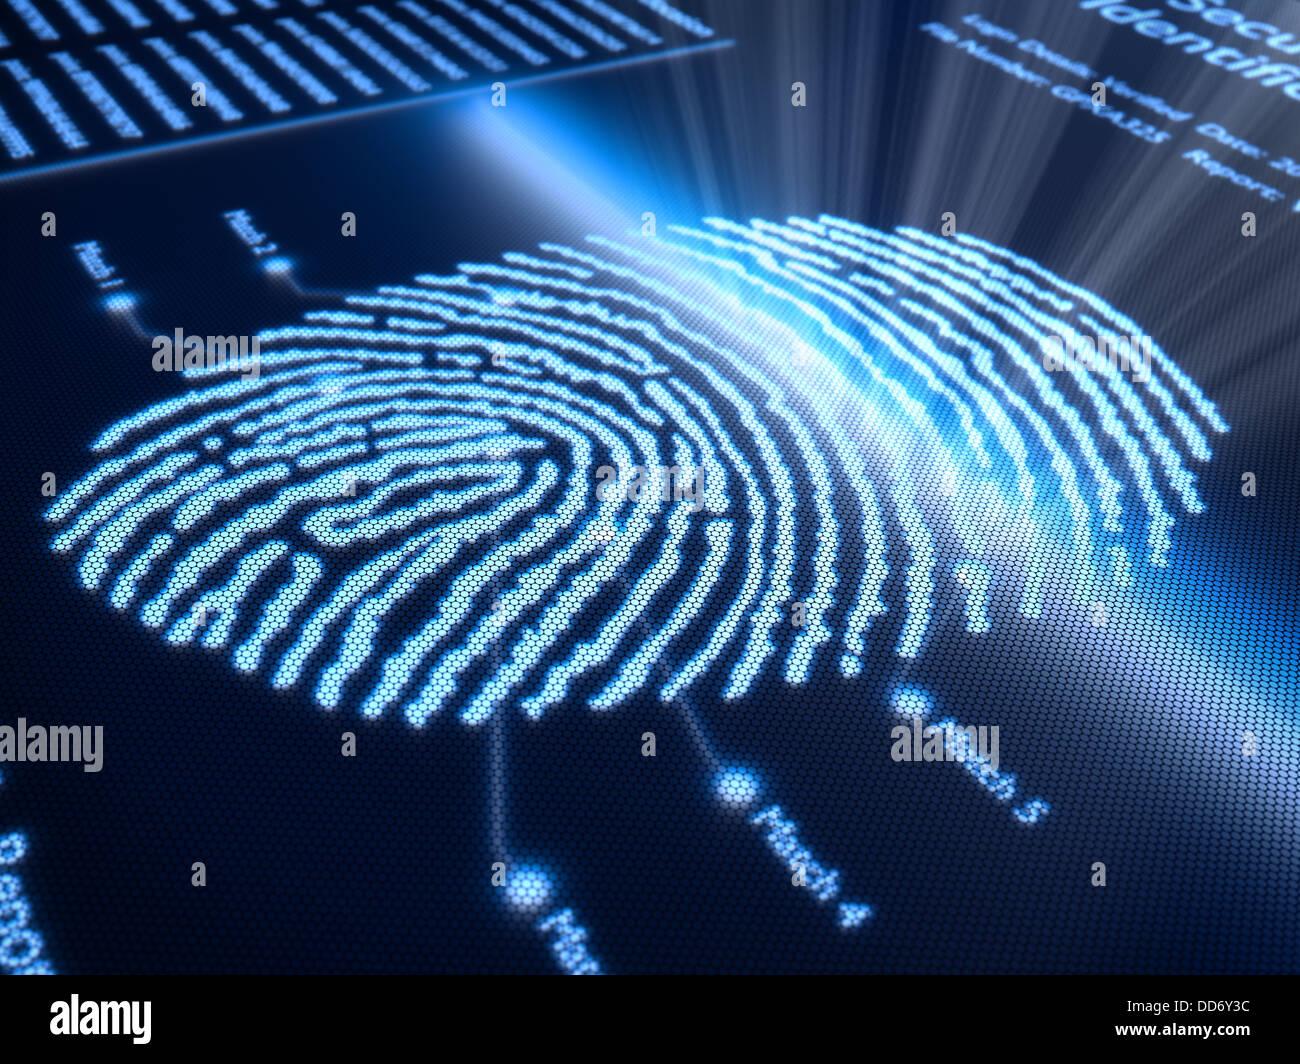 Tecnología de escaneo de huellas dactilares en la pantalla punteado - 3D prestados con ligeras DOF Imagen De Stock